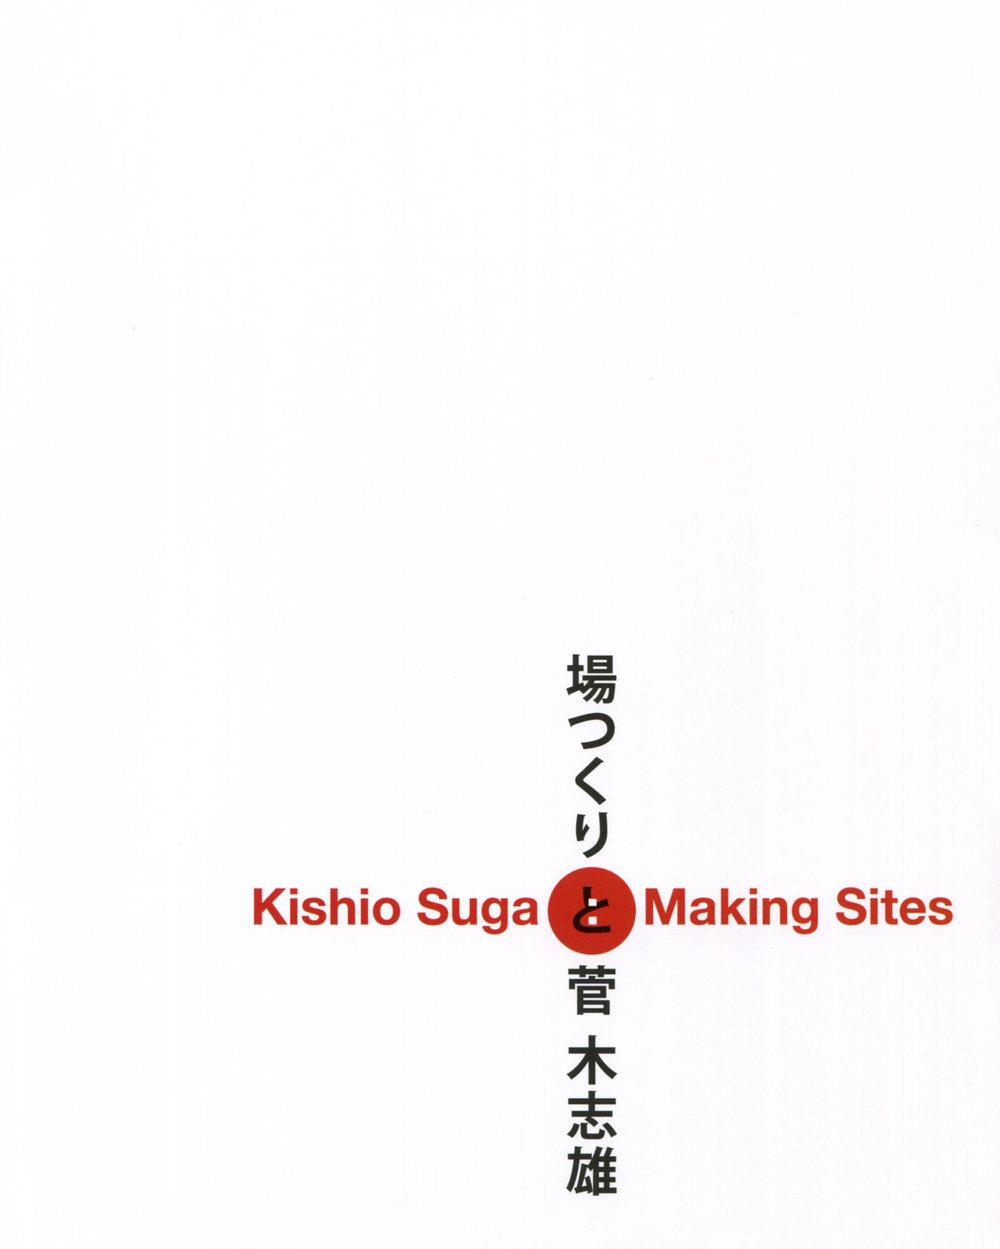 Kishio Suga: Making Sites  Daikokuya |Kishio Suga Souko Museum, 2014